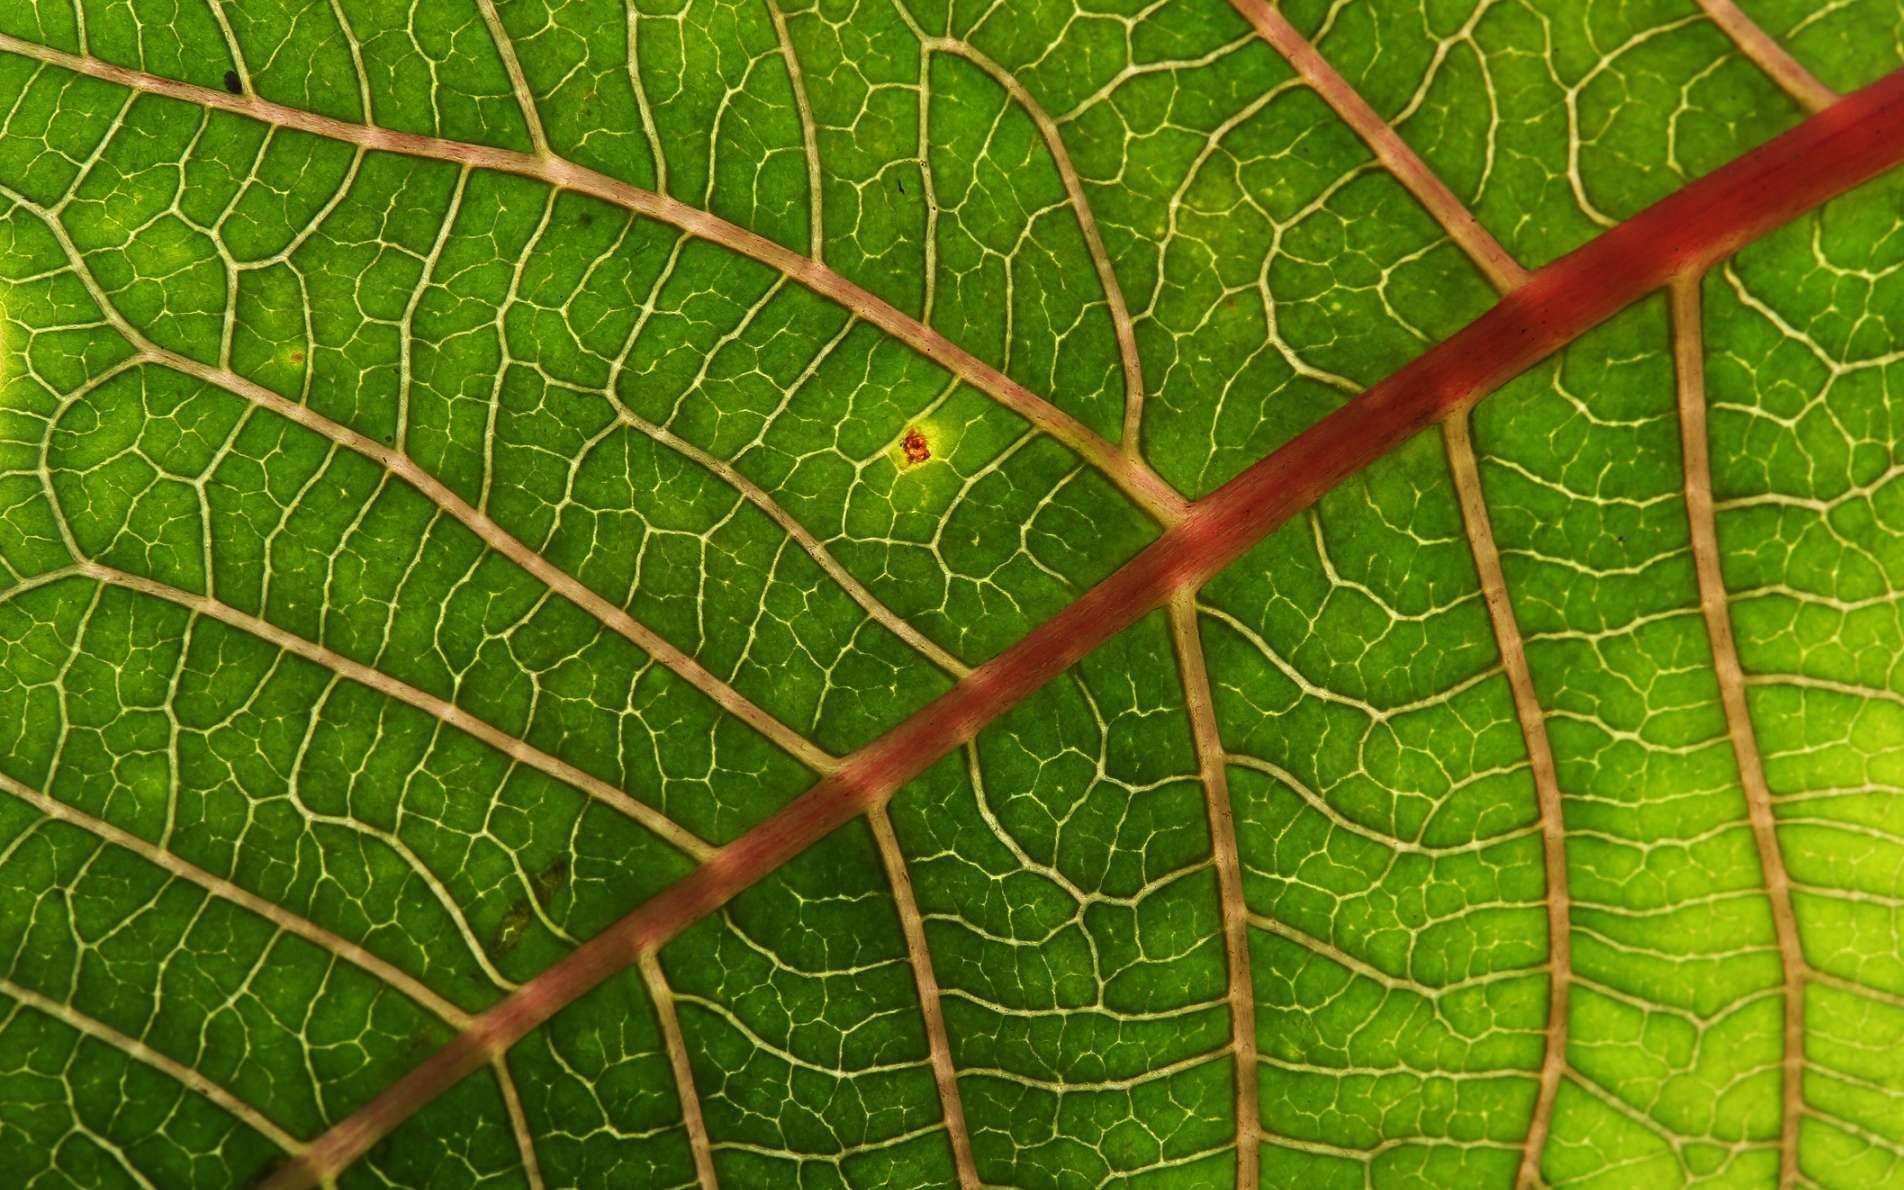 Dans la photosynthèse inverse, l'énergie des rayons du soleil sert à dégrader des macromolécules, au lieu de construire des molécules végétales comme c'est le cas dans la photosynthèse. De quoi, peut-être, produire les biocarburants de demain ? © Sutichak, Shutterstock